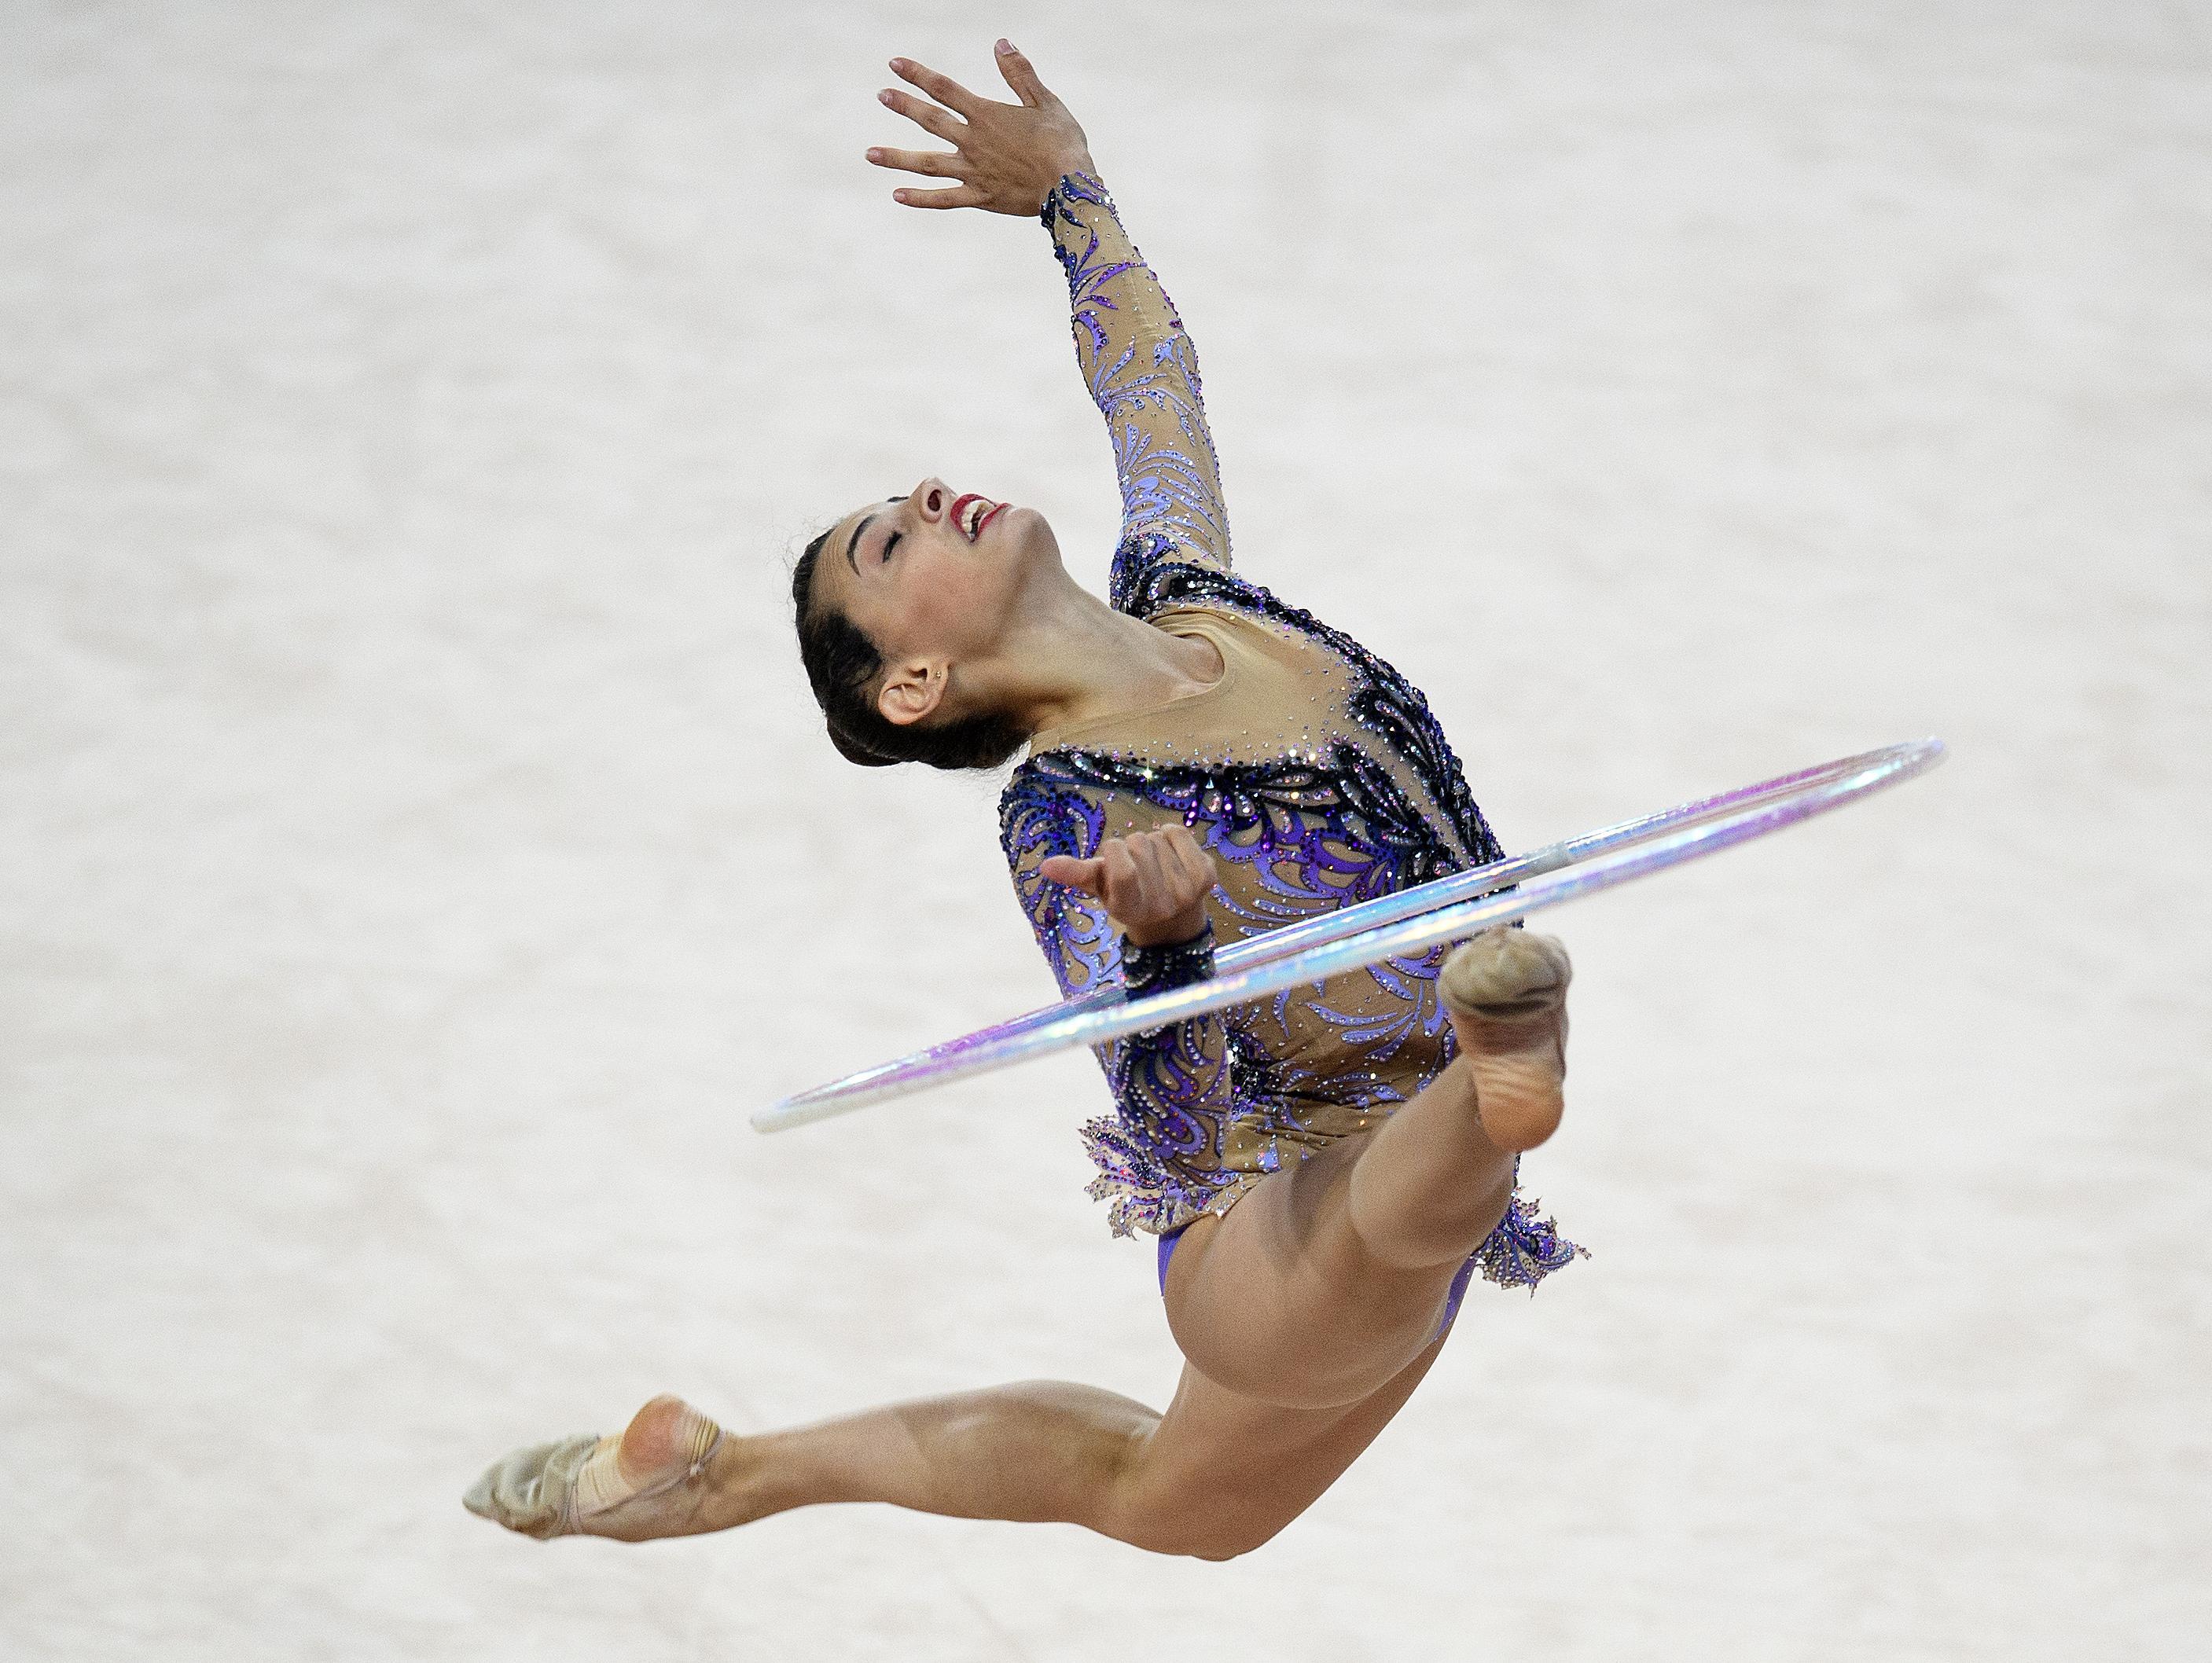 לינוי אשרם זכתה במדליית כסף בתרגיל החישוק באליפות העולם